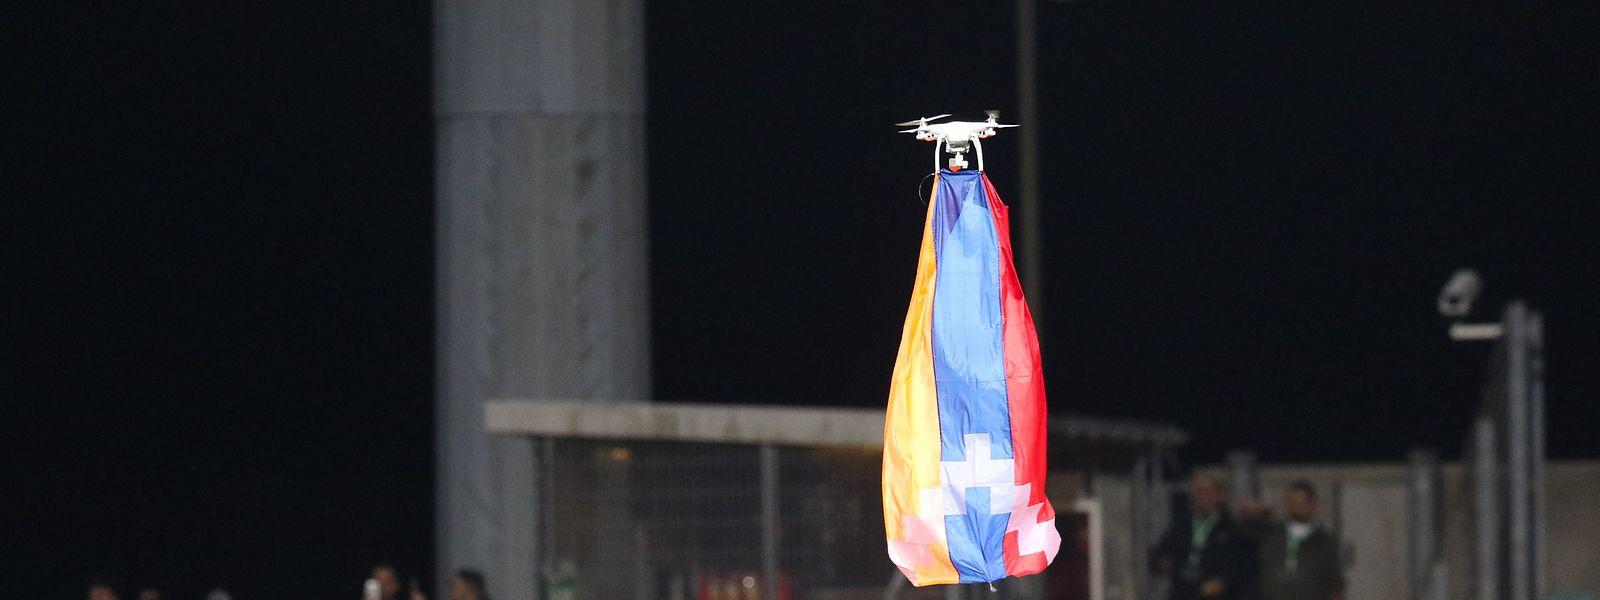 Le drone de la discorde... A son apparition, l'équipe de Qarabag a immédiatement quitté le terrain.